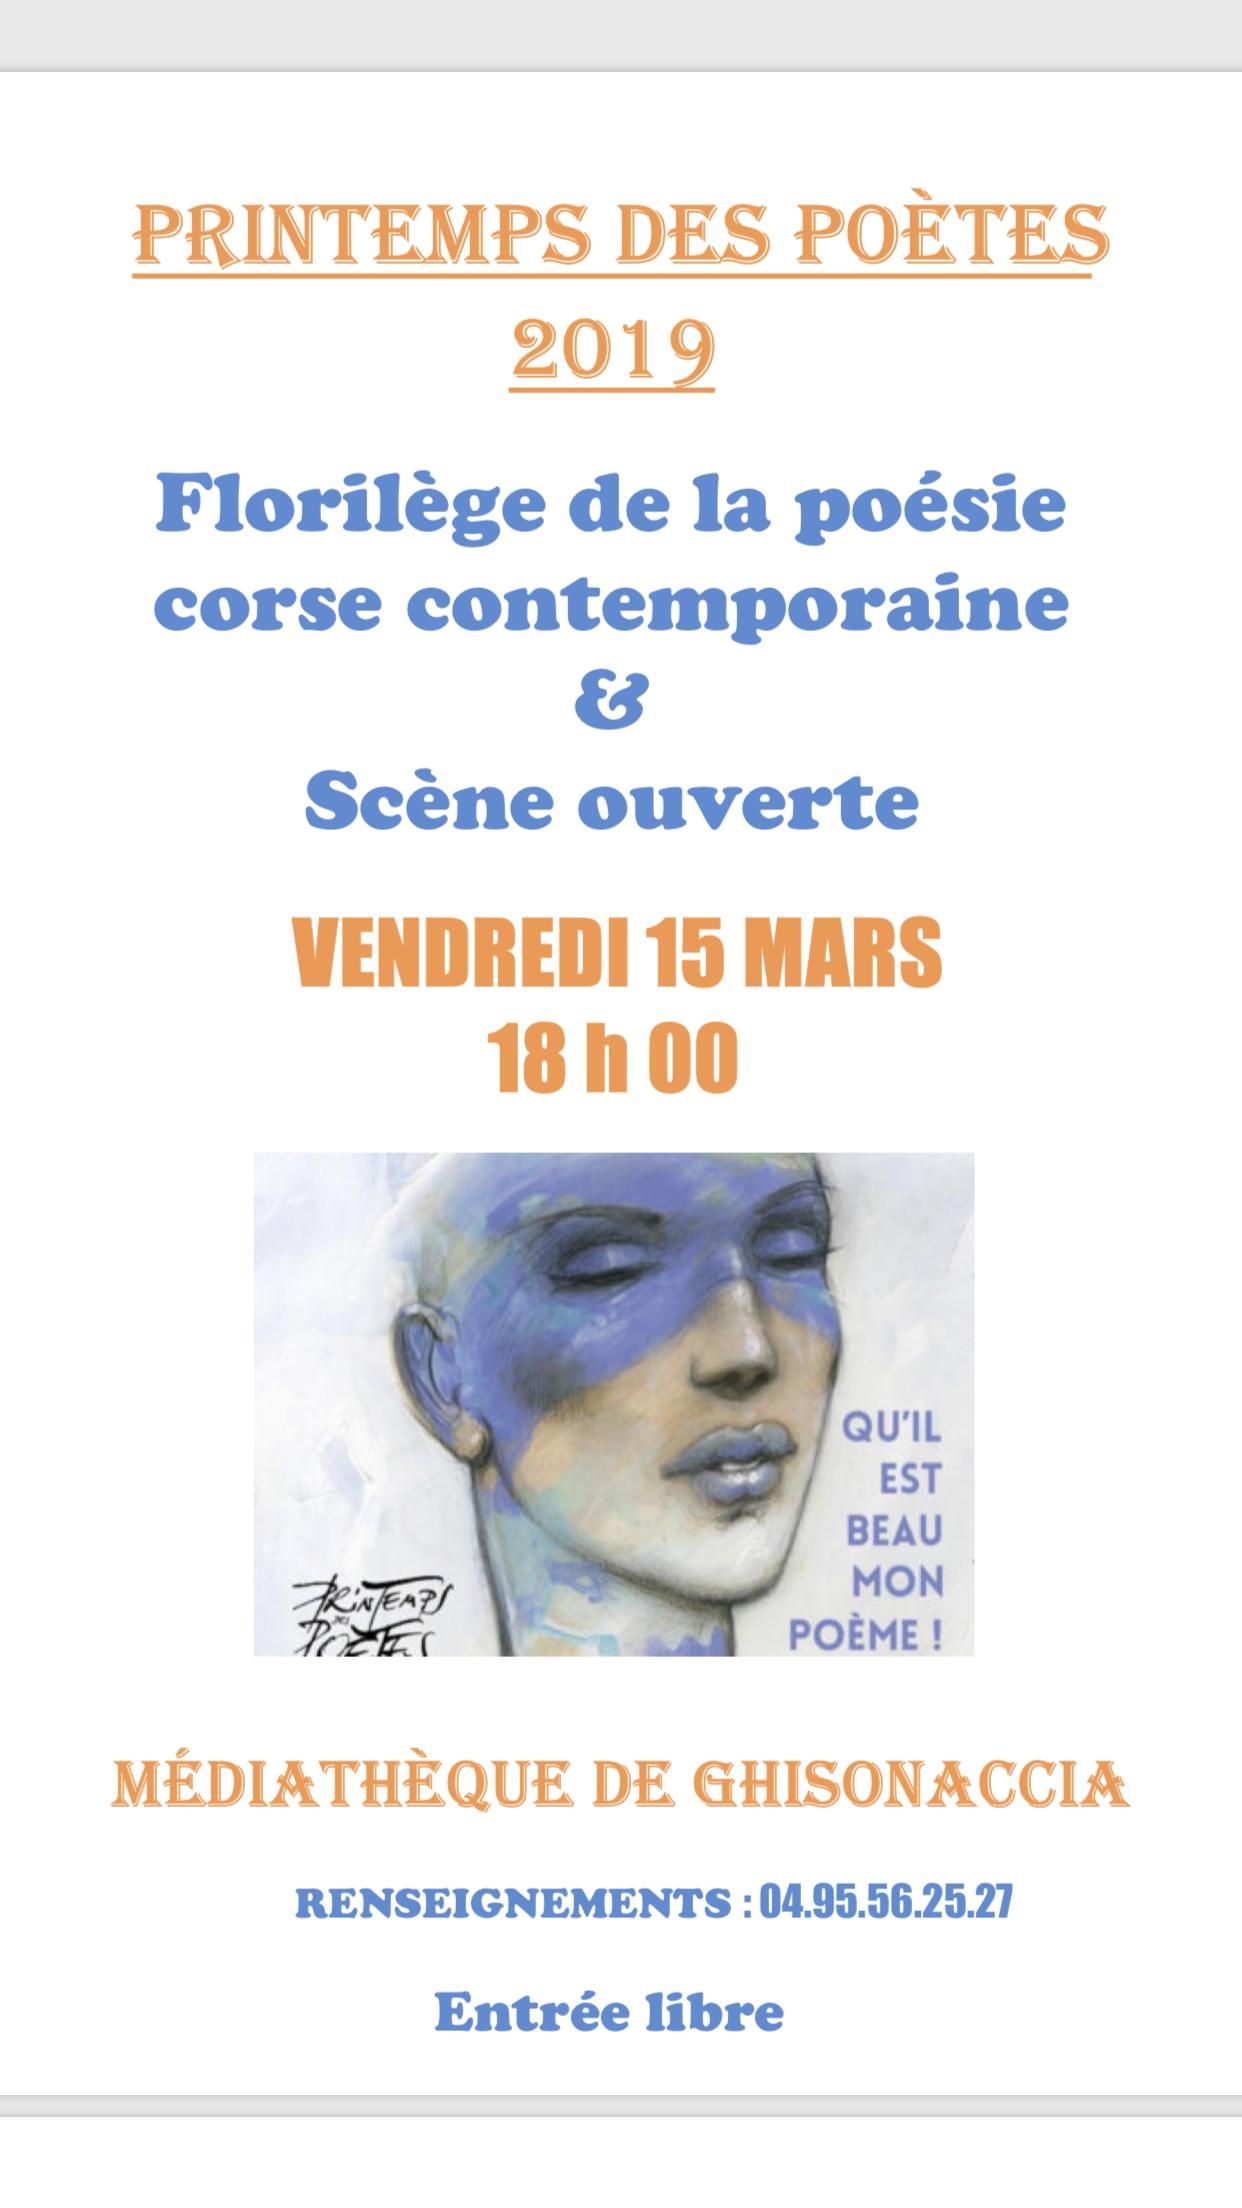 Le 20ème printemps des poètes fait escale à Ghisonaccia